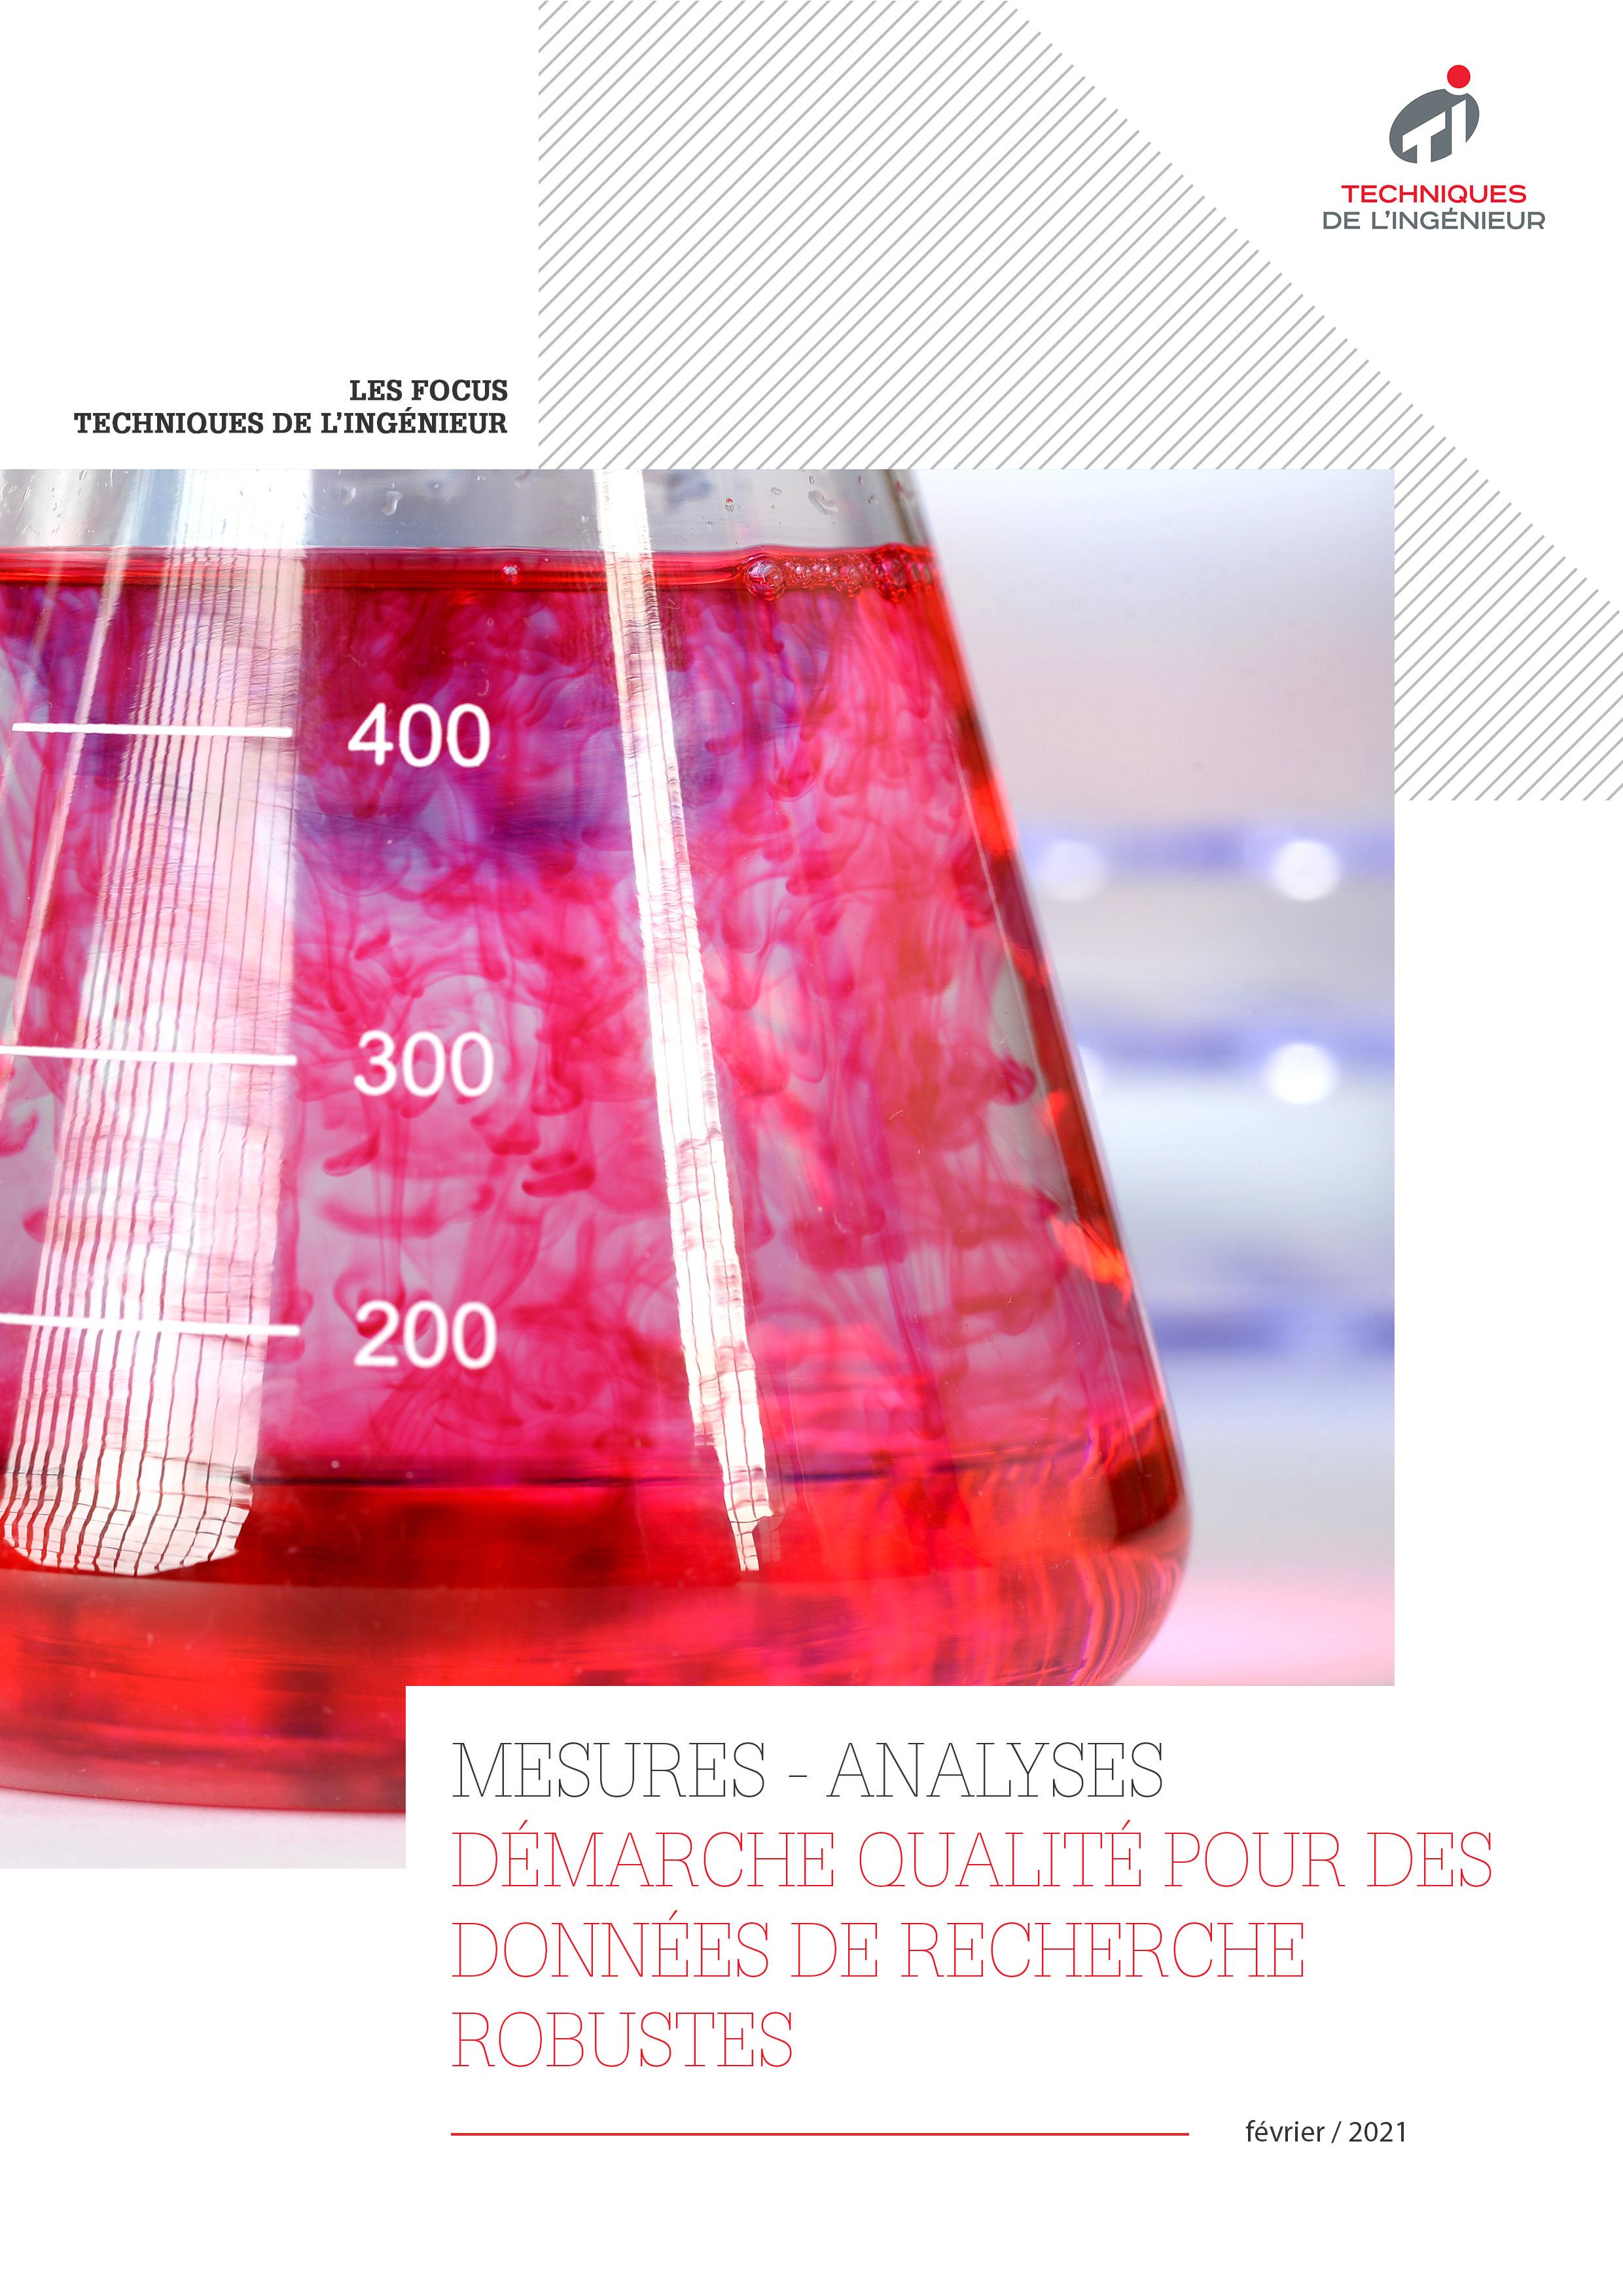 Recherche : quelle méthodologie suivre pour améliorer la fiabilité des données ?